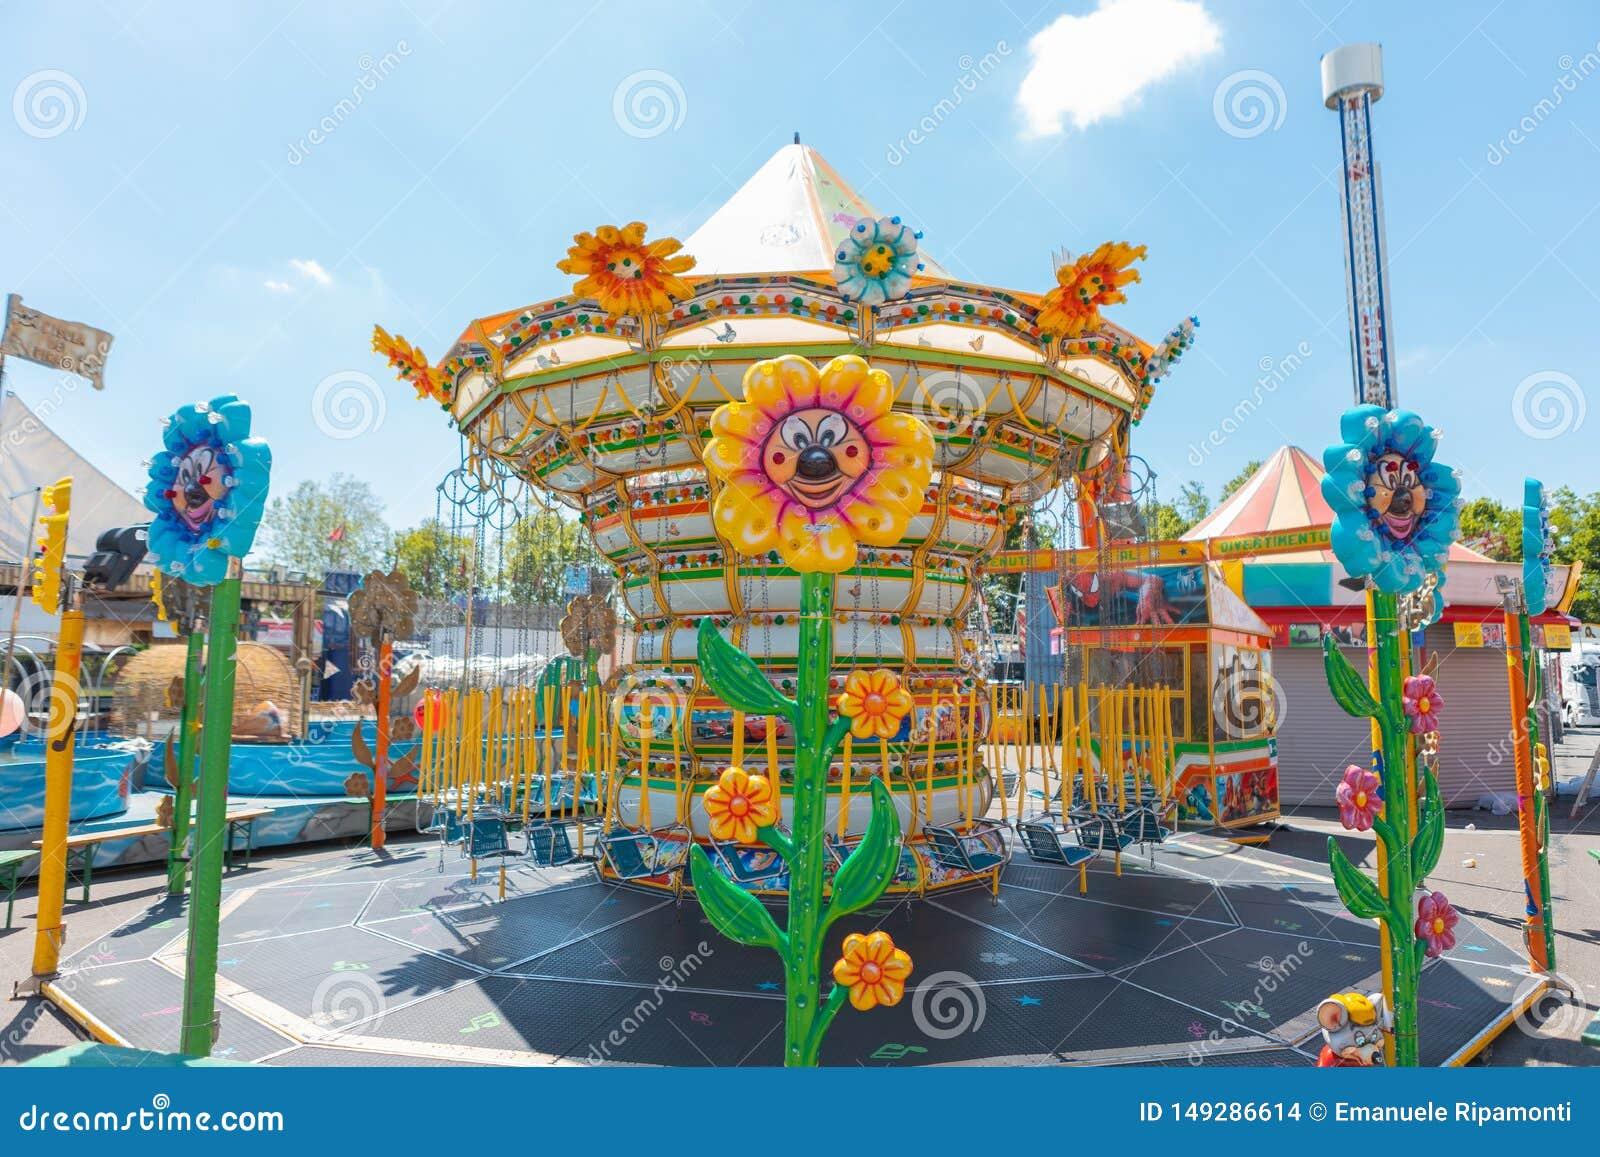 As correntes do carrossel para crian?as em cores brilhantes durante uma feira em uma flor italiana do parque deram forma a luzes